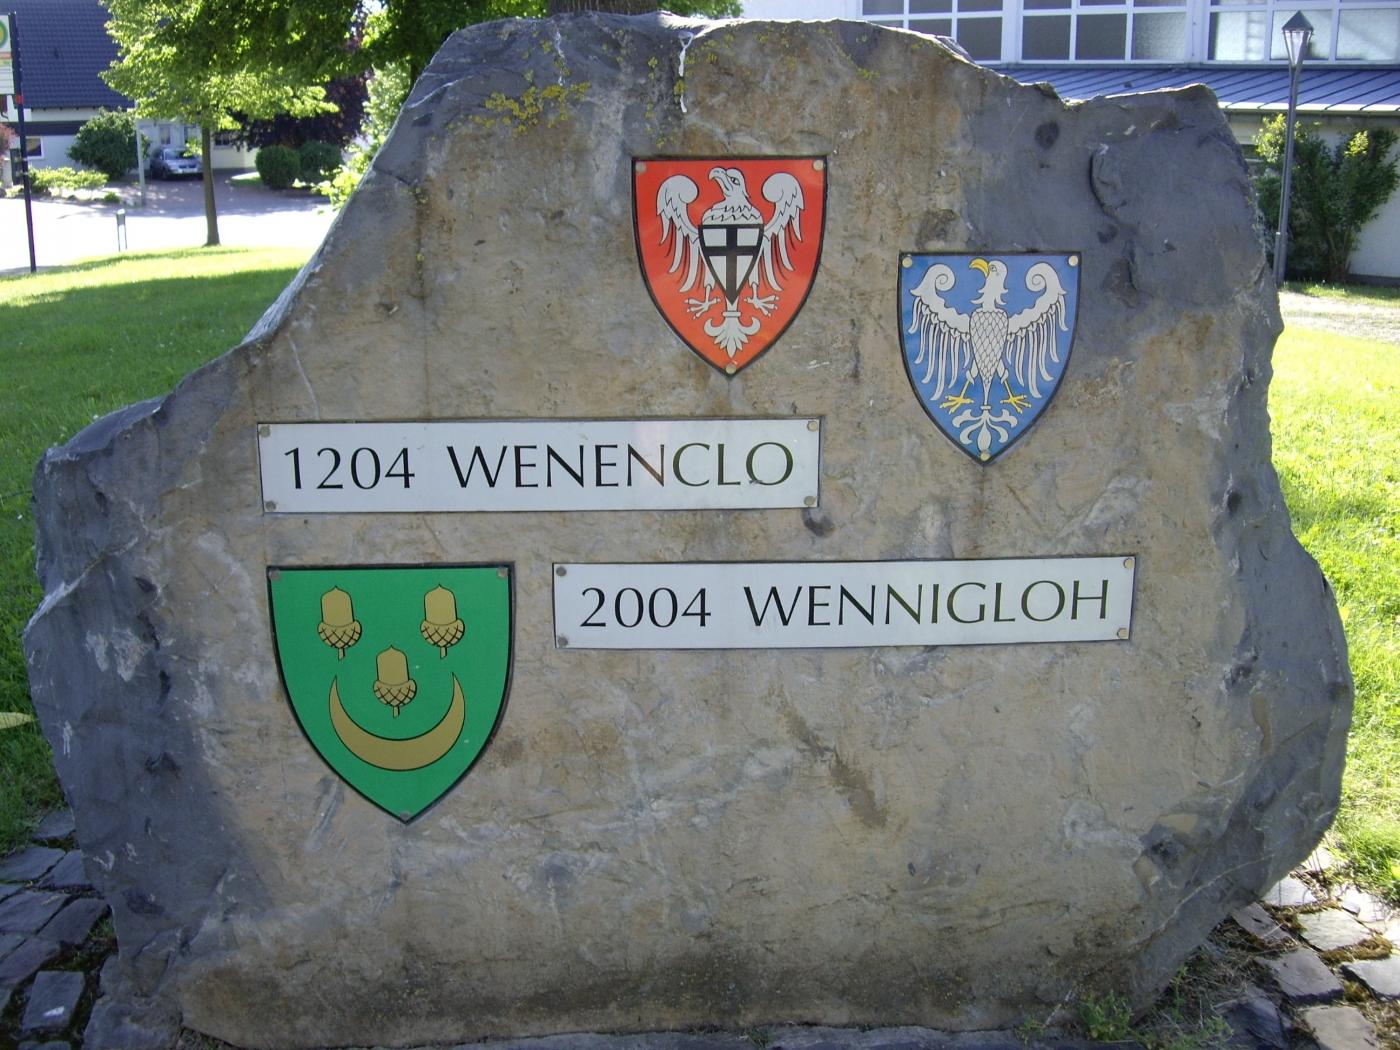 Wennigloh